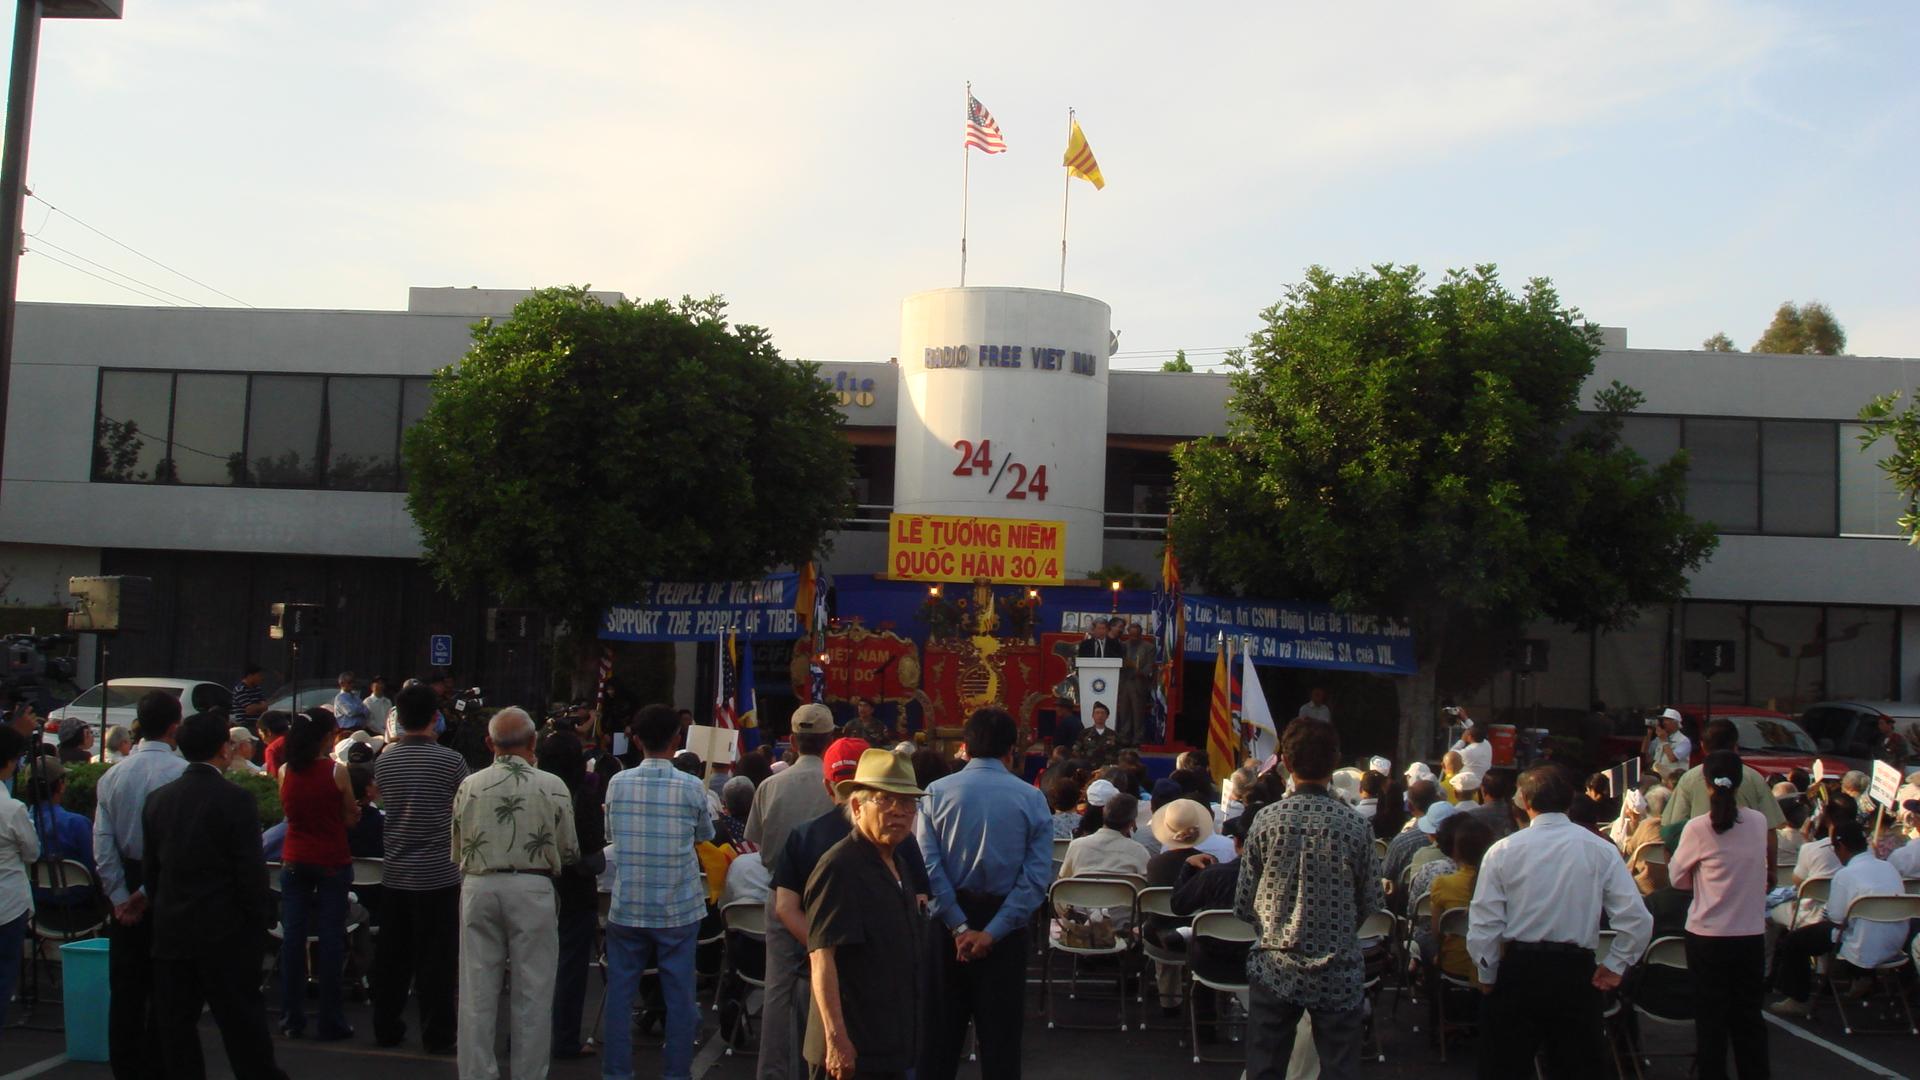 quoc han 2008 - 6